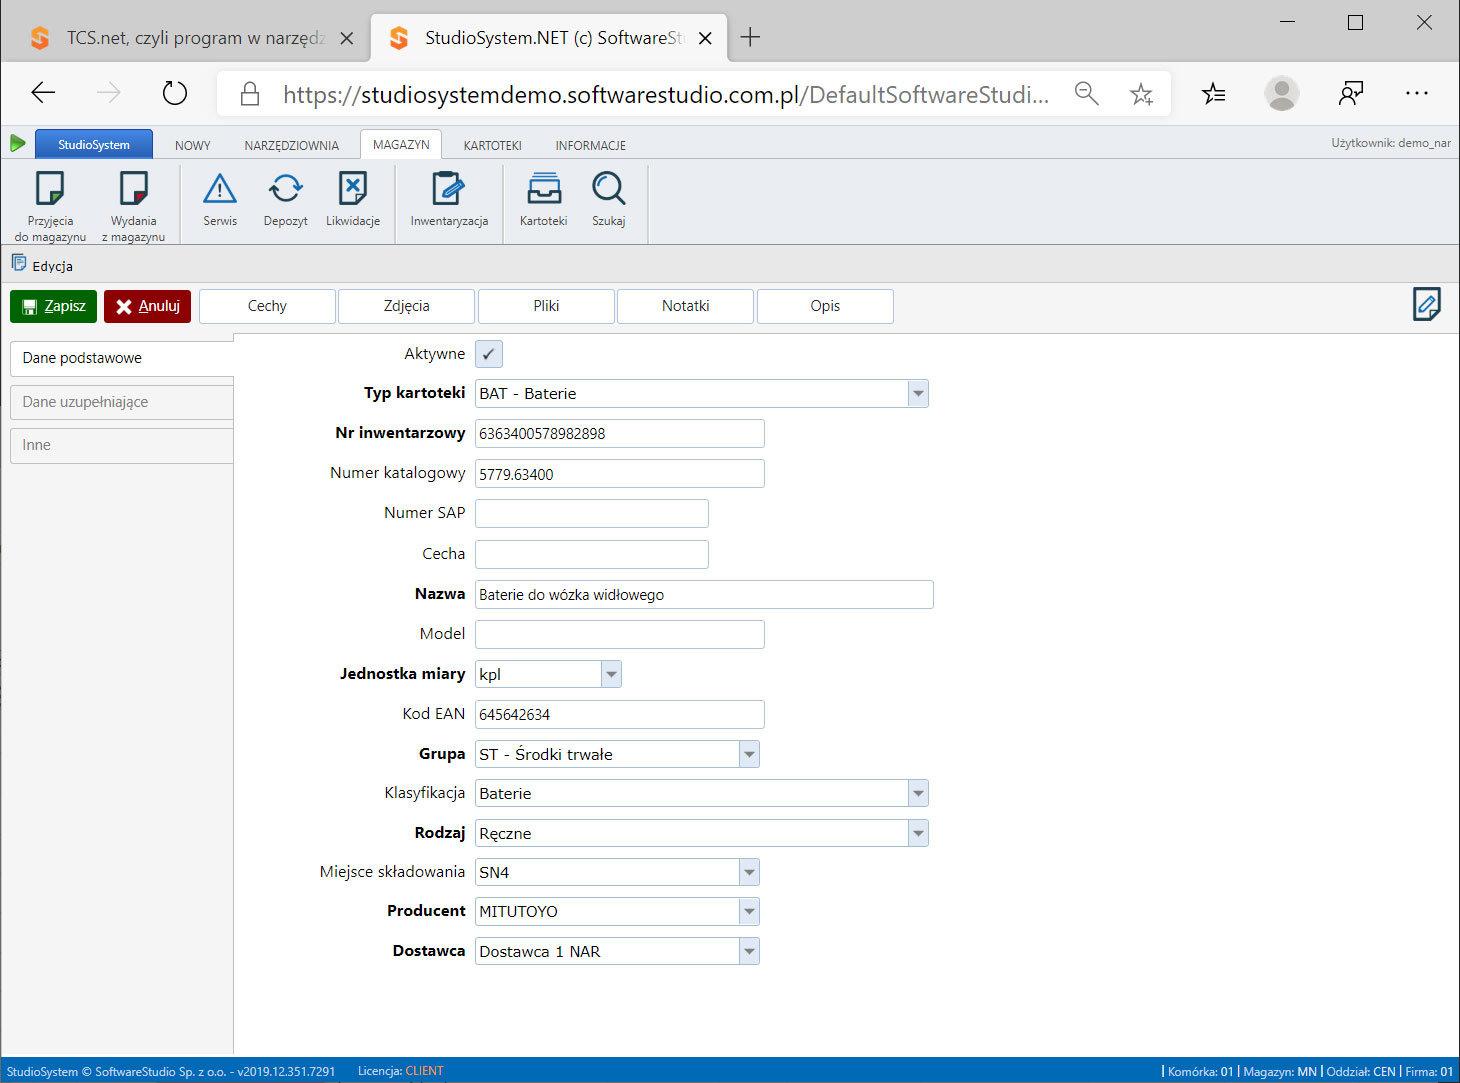 aplikacja-narzędziownia Zarządzanie narzędziami pomiarowymi